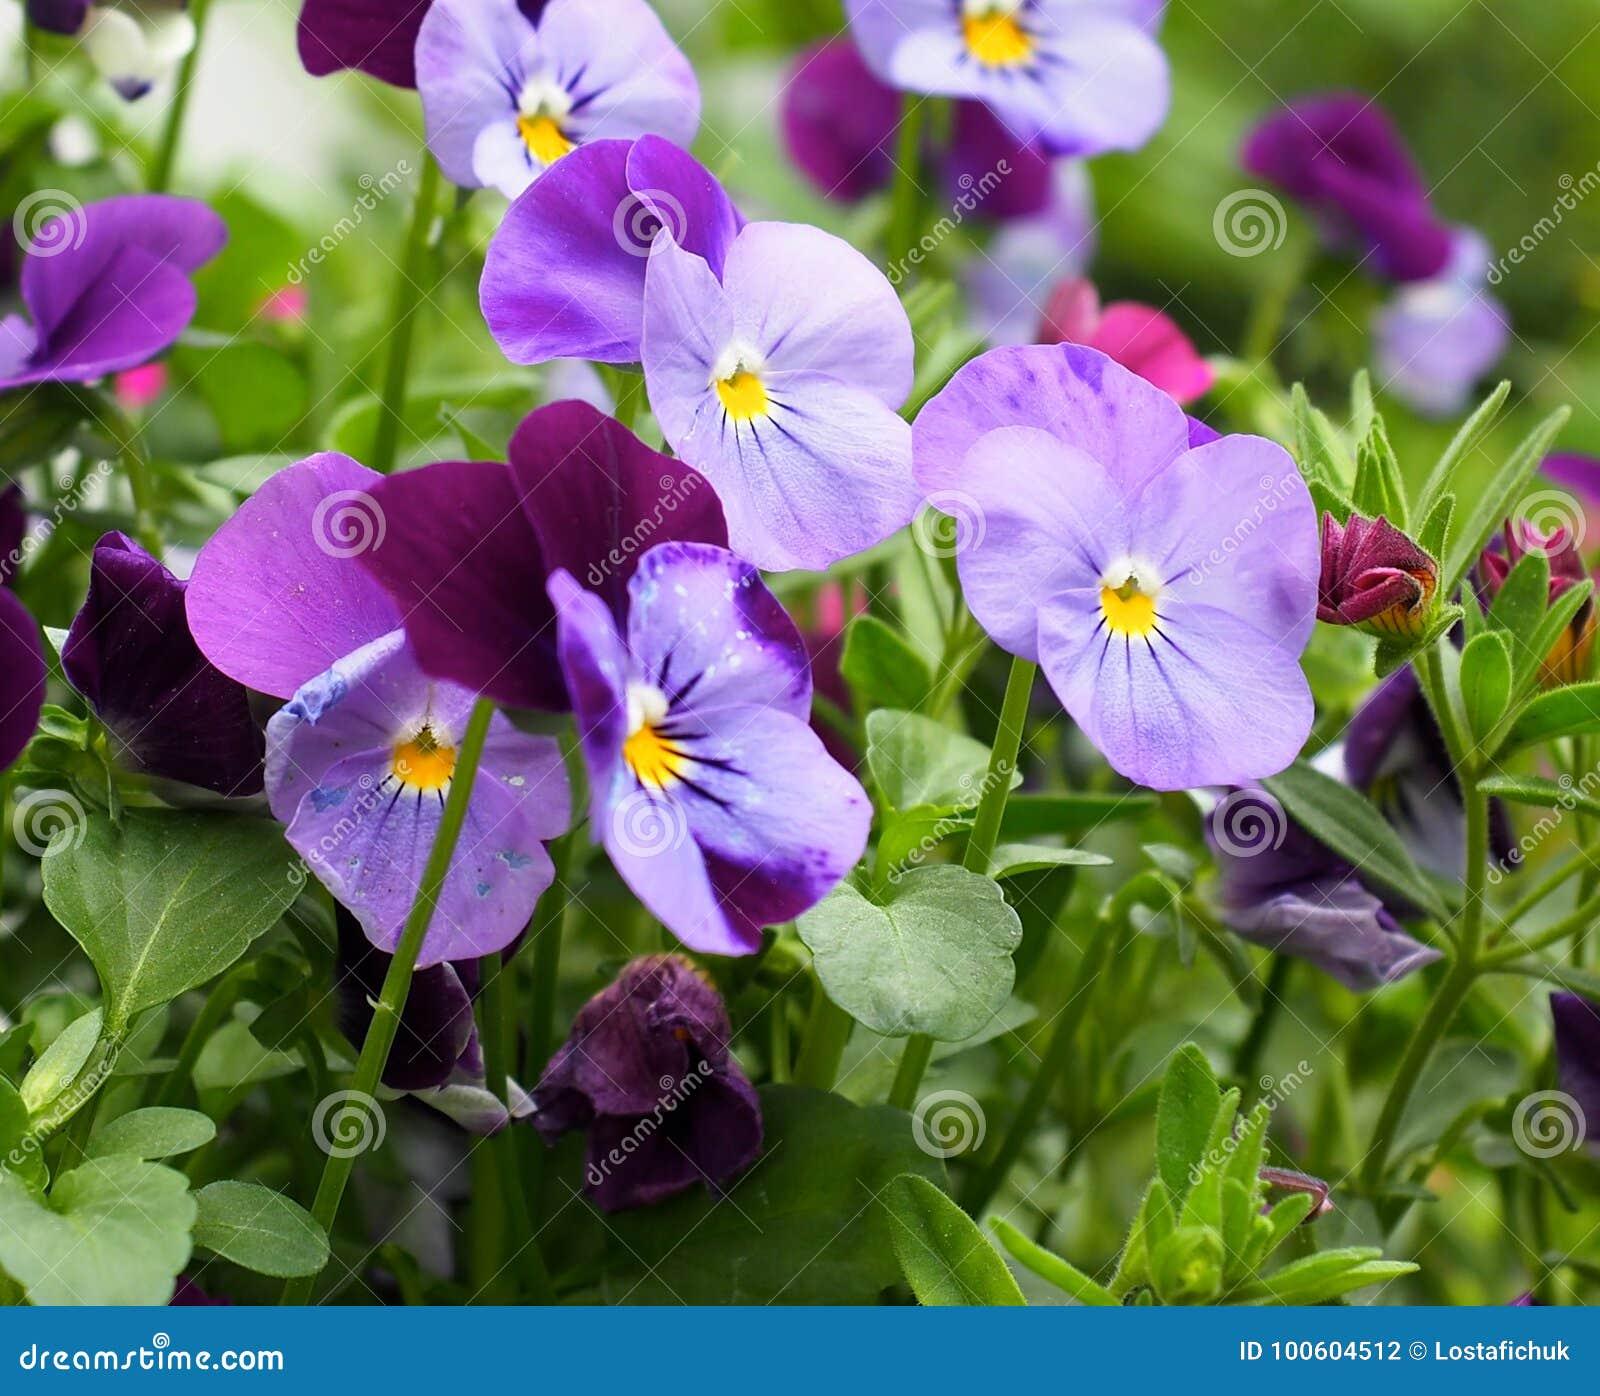 Purple Pansies Or Violas in Bloom